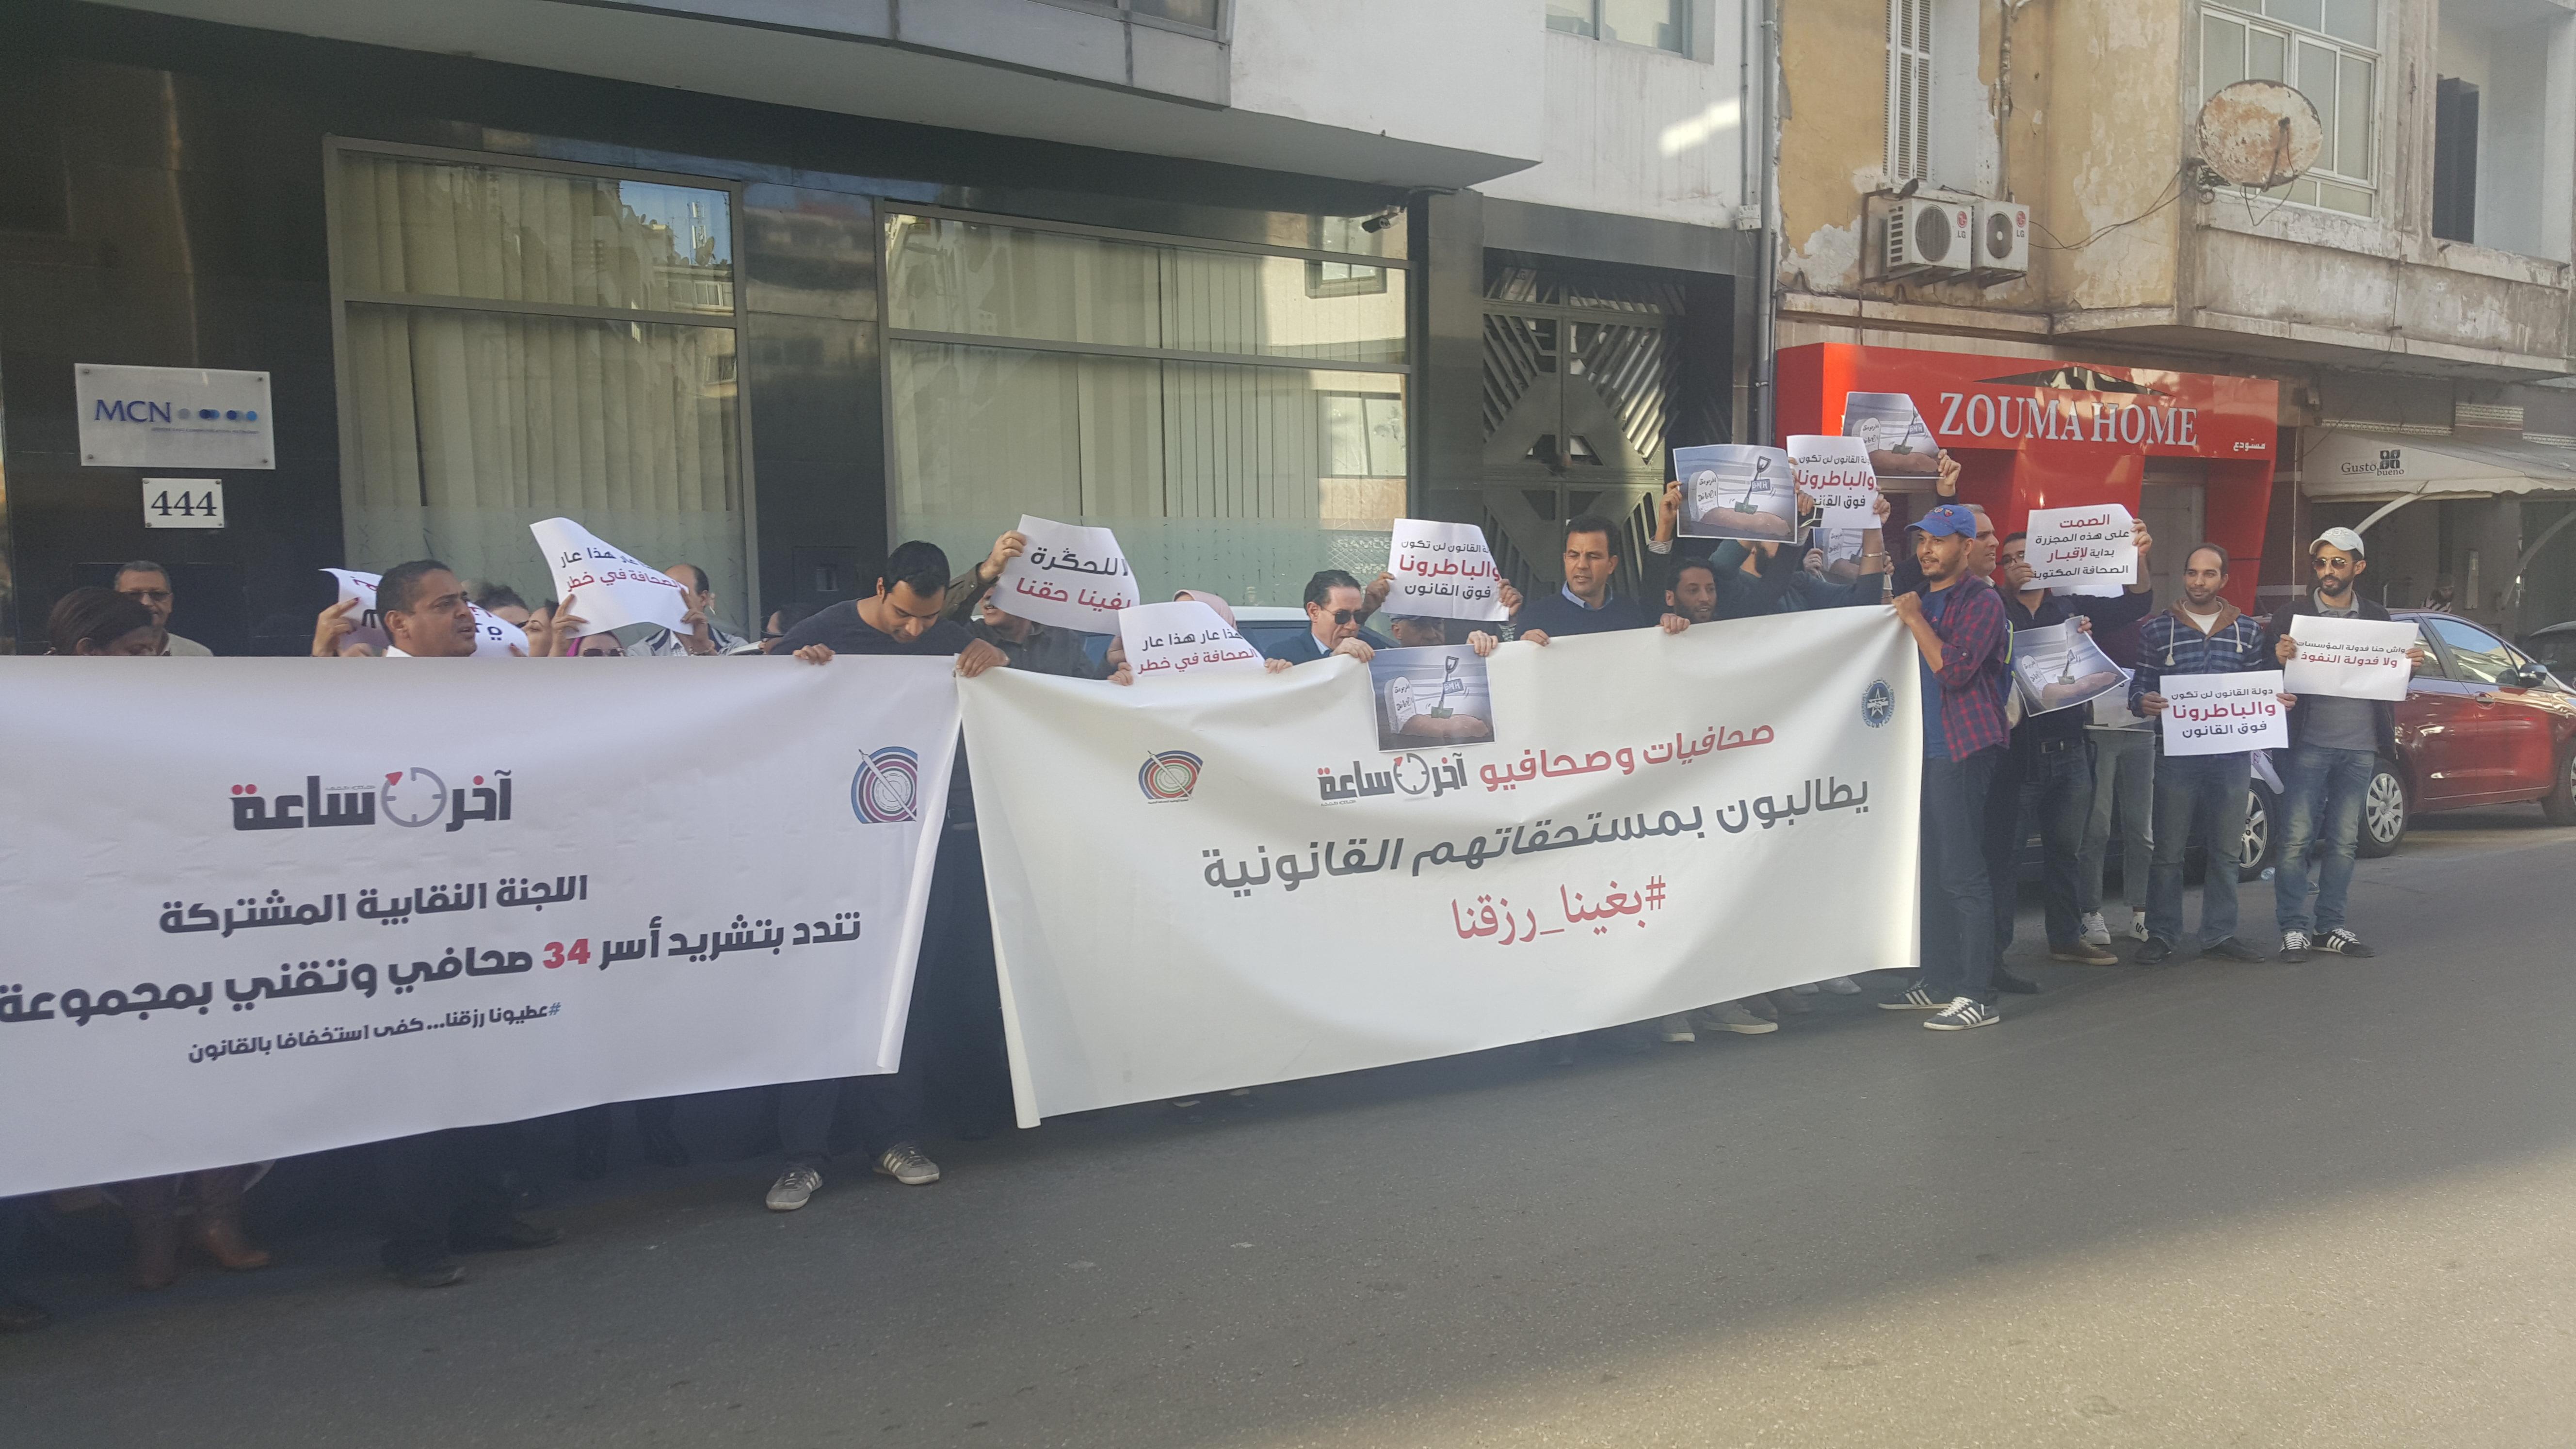 بالفيديو… صحافيو وتقنيو آخر ساعة يخرجون للشارع لمطالبة الإدارة بحقوقهم المشروعة